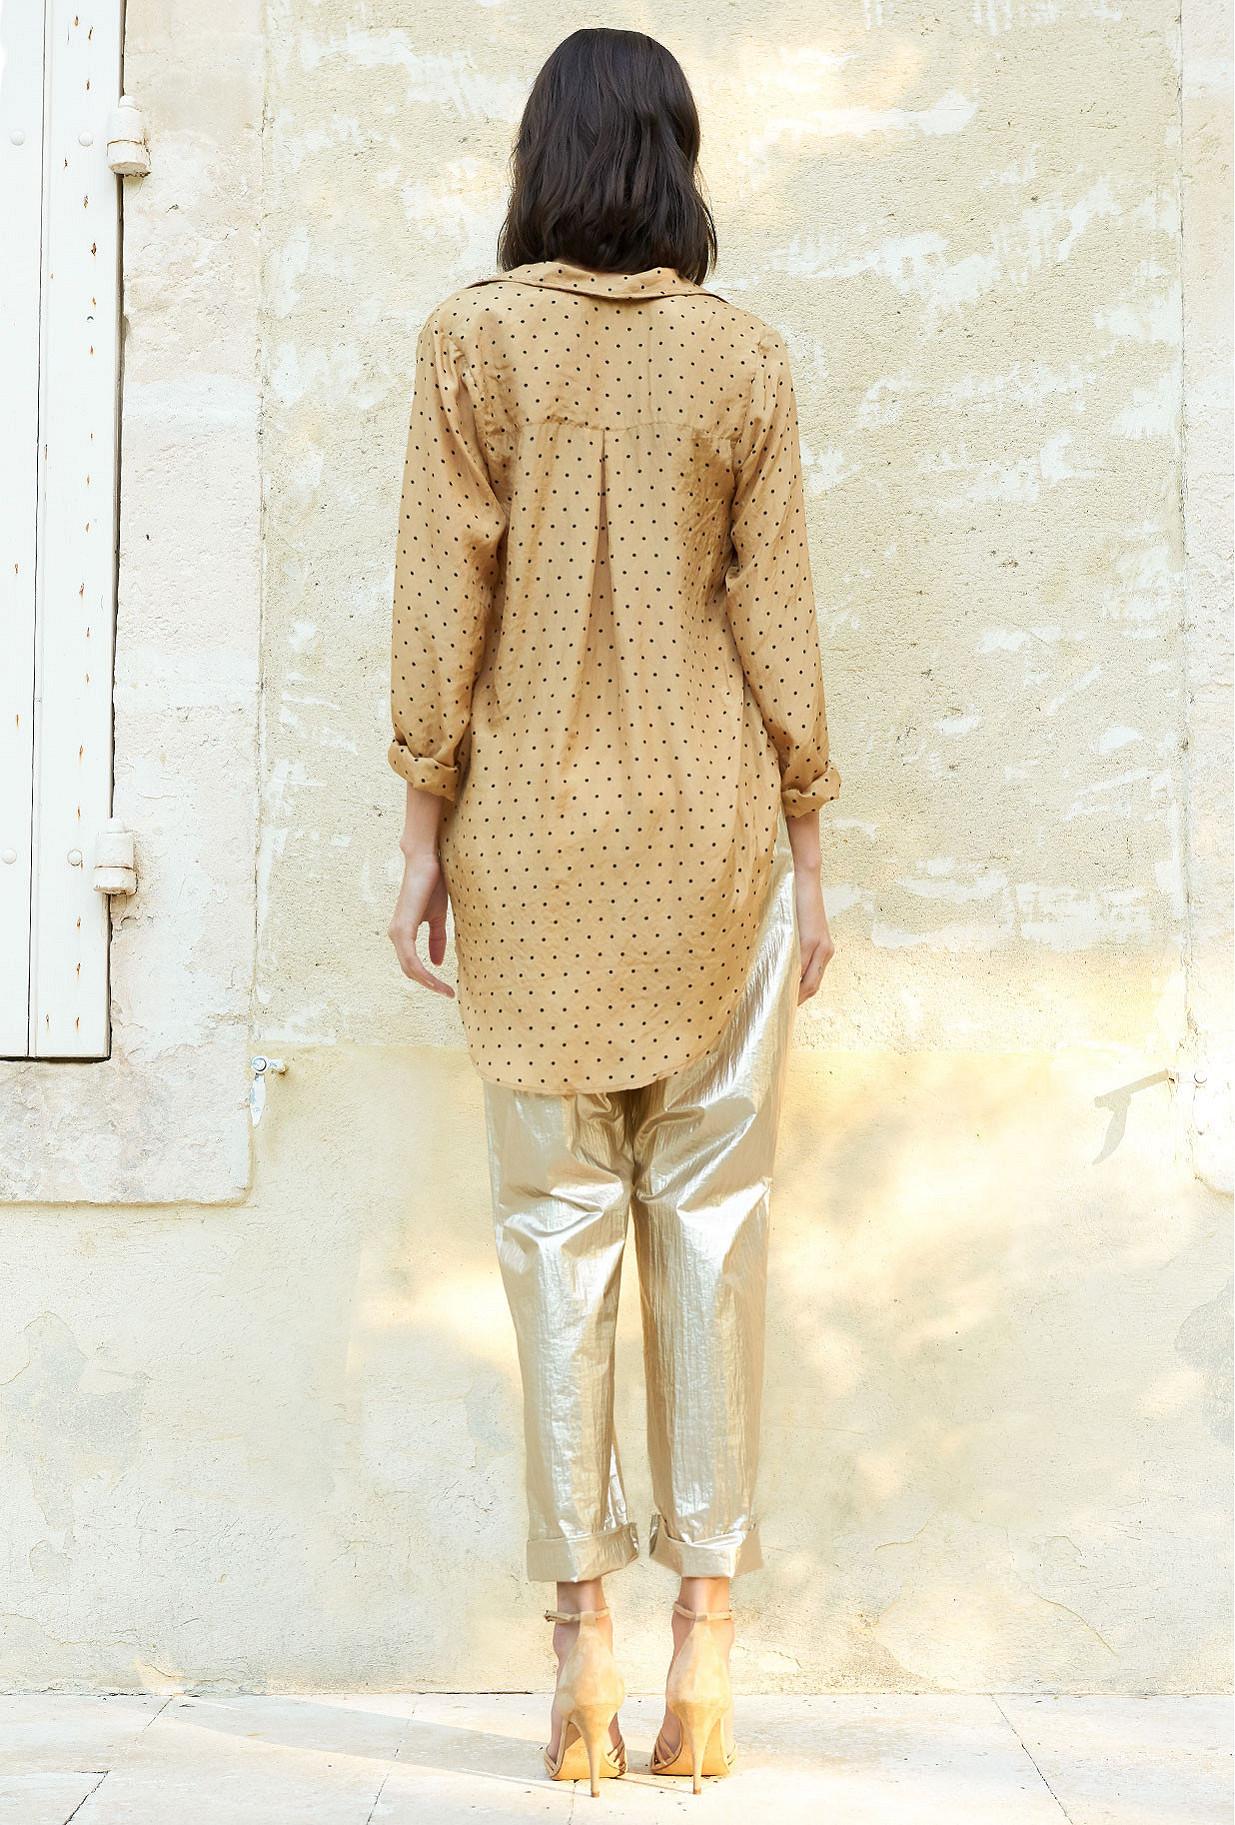 Paris clothes store Shirt  Boy french designer fashion Paris